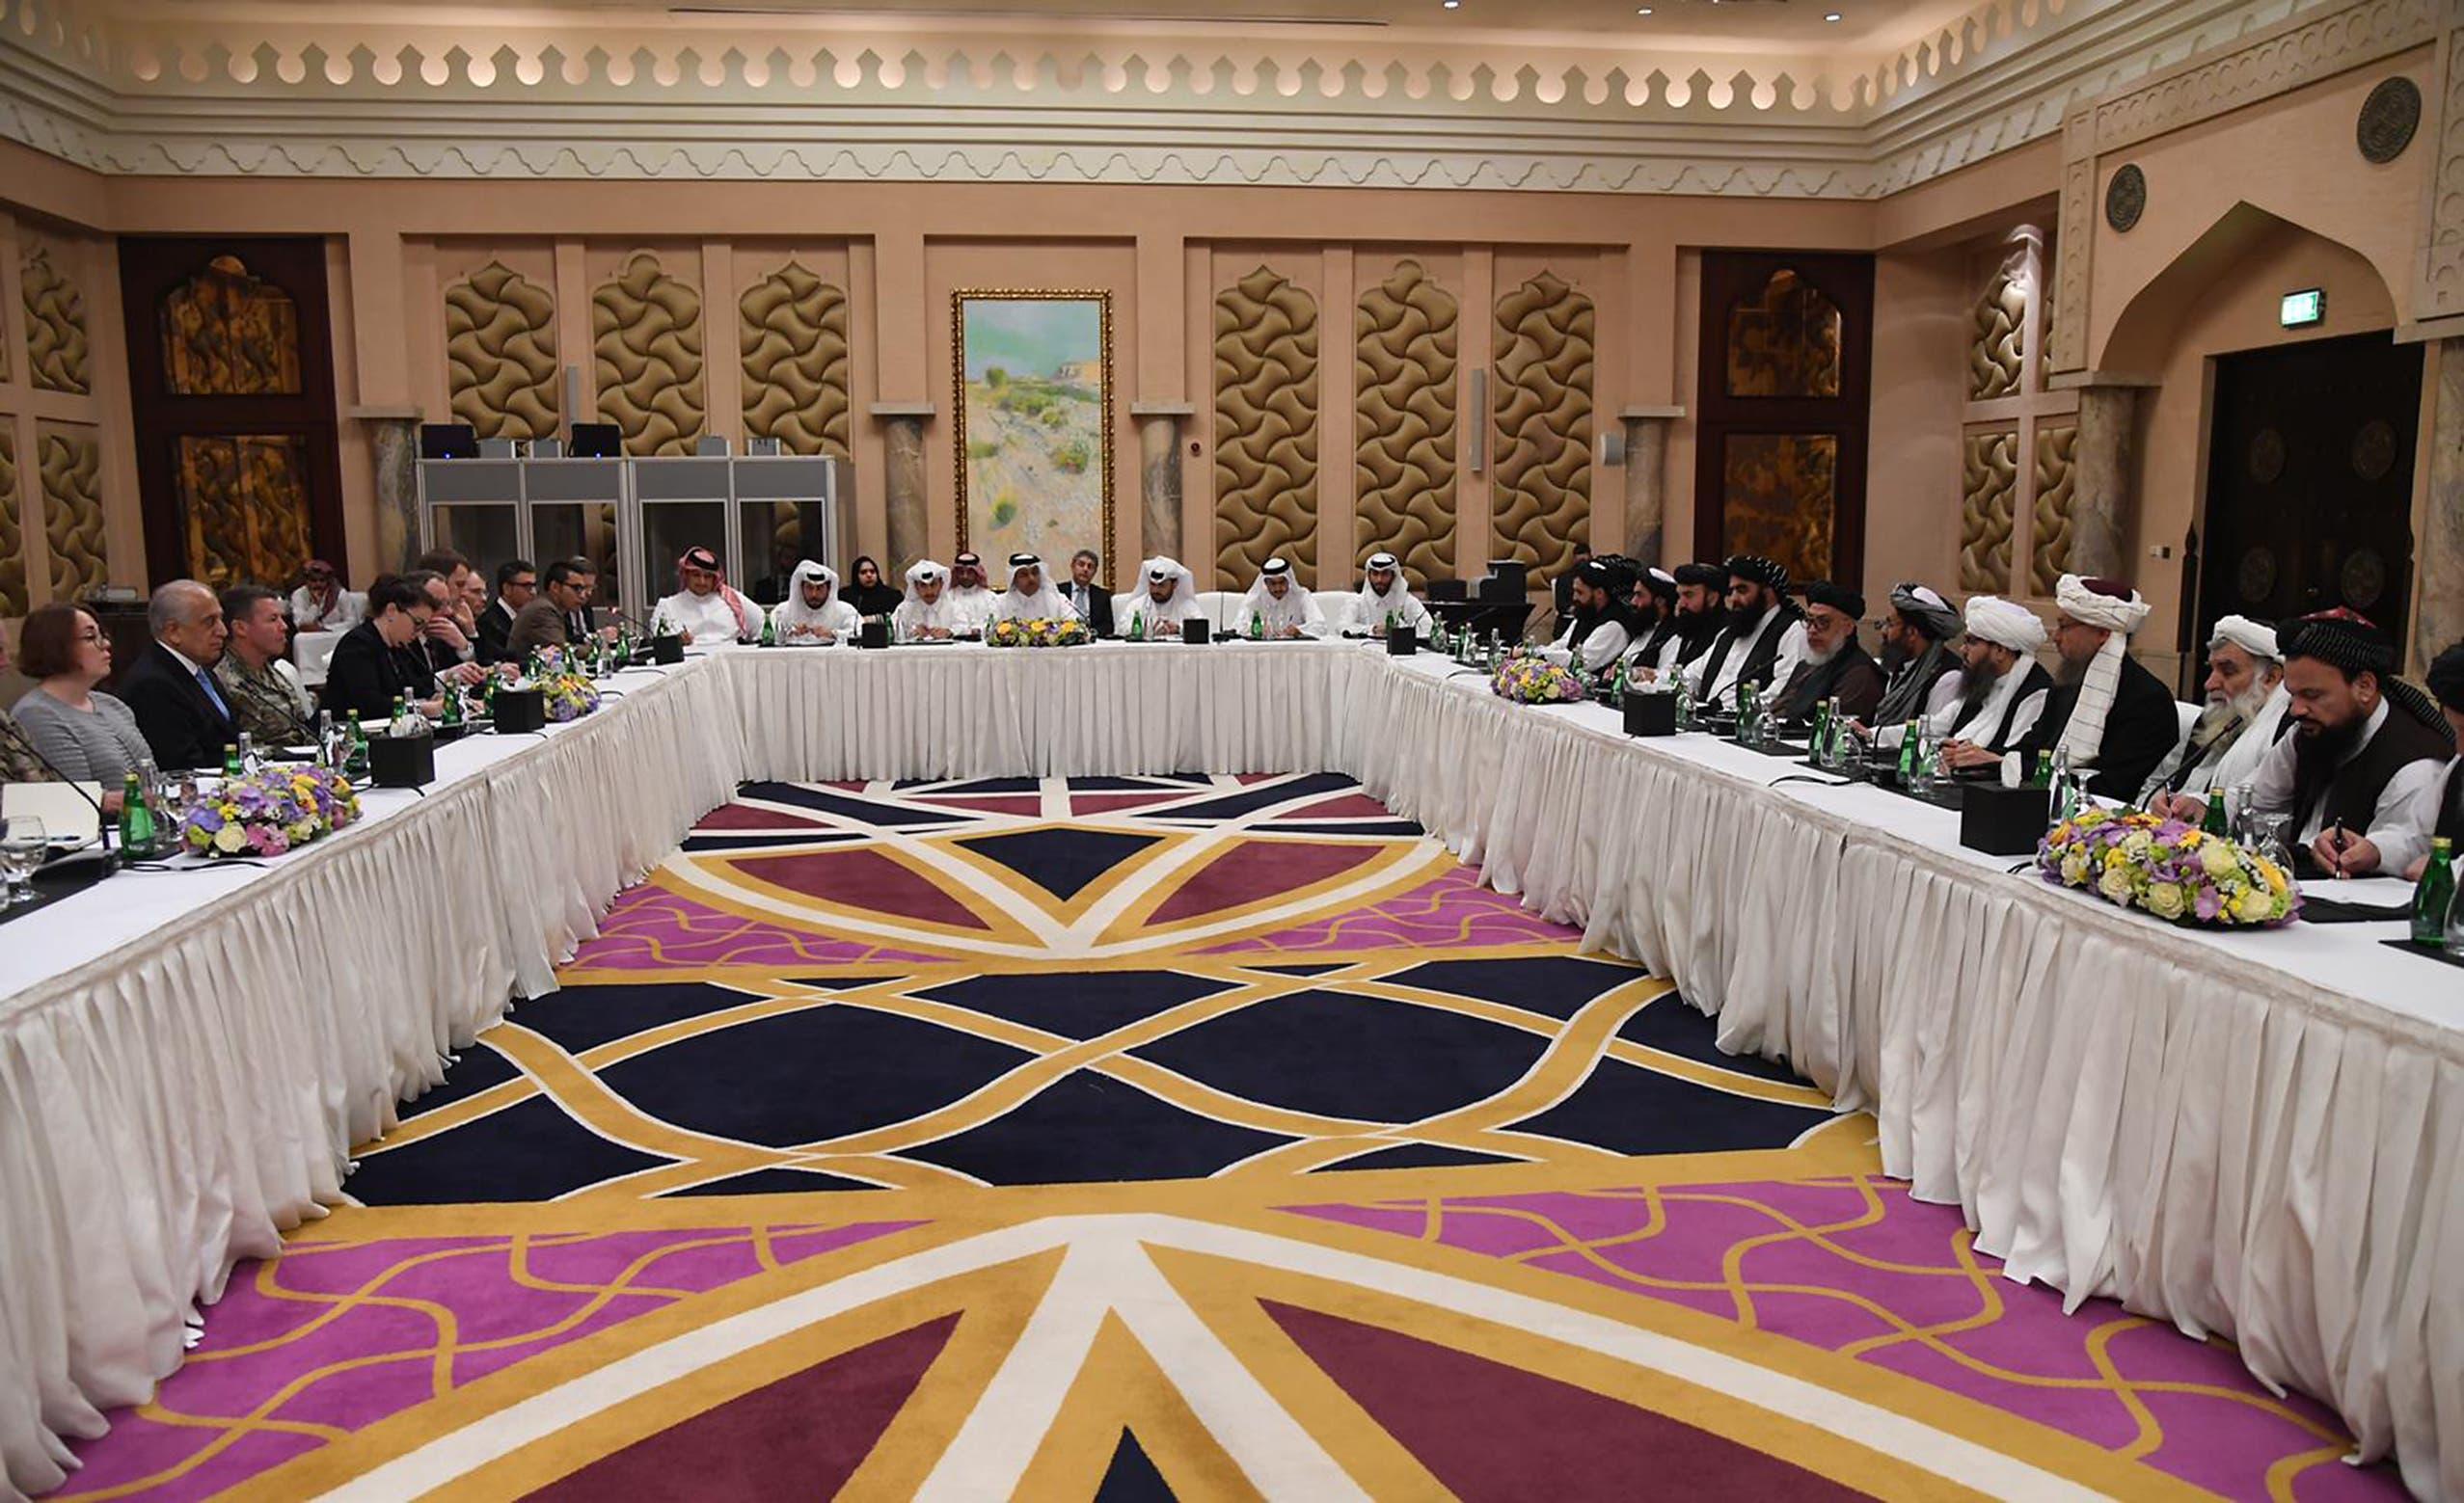 دوحہ میں امریکہ اور طالبان مذاکرات کا منظر